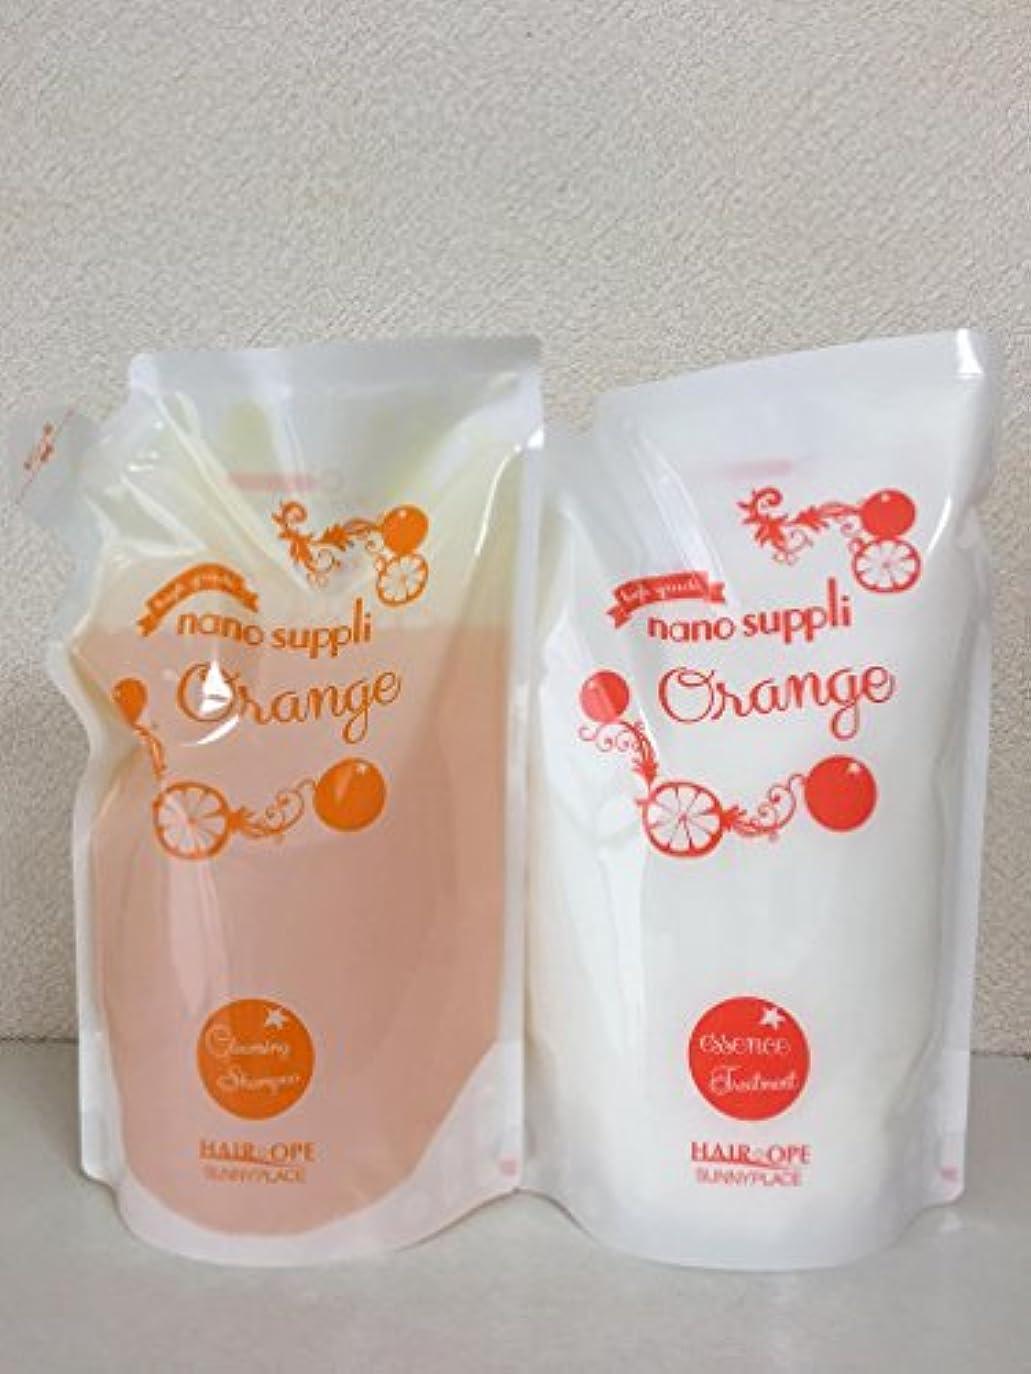 落花生パキスタンホラーサニープレイス ナノサプリ クレンジングシャンプー&コンディショナー オレンジ 800ml詰替えセット